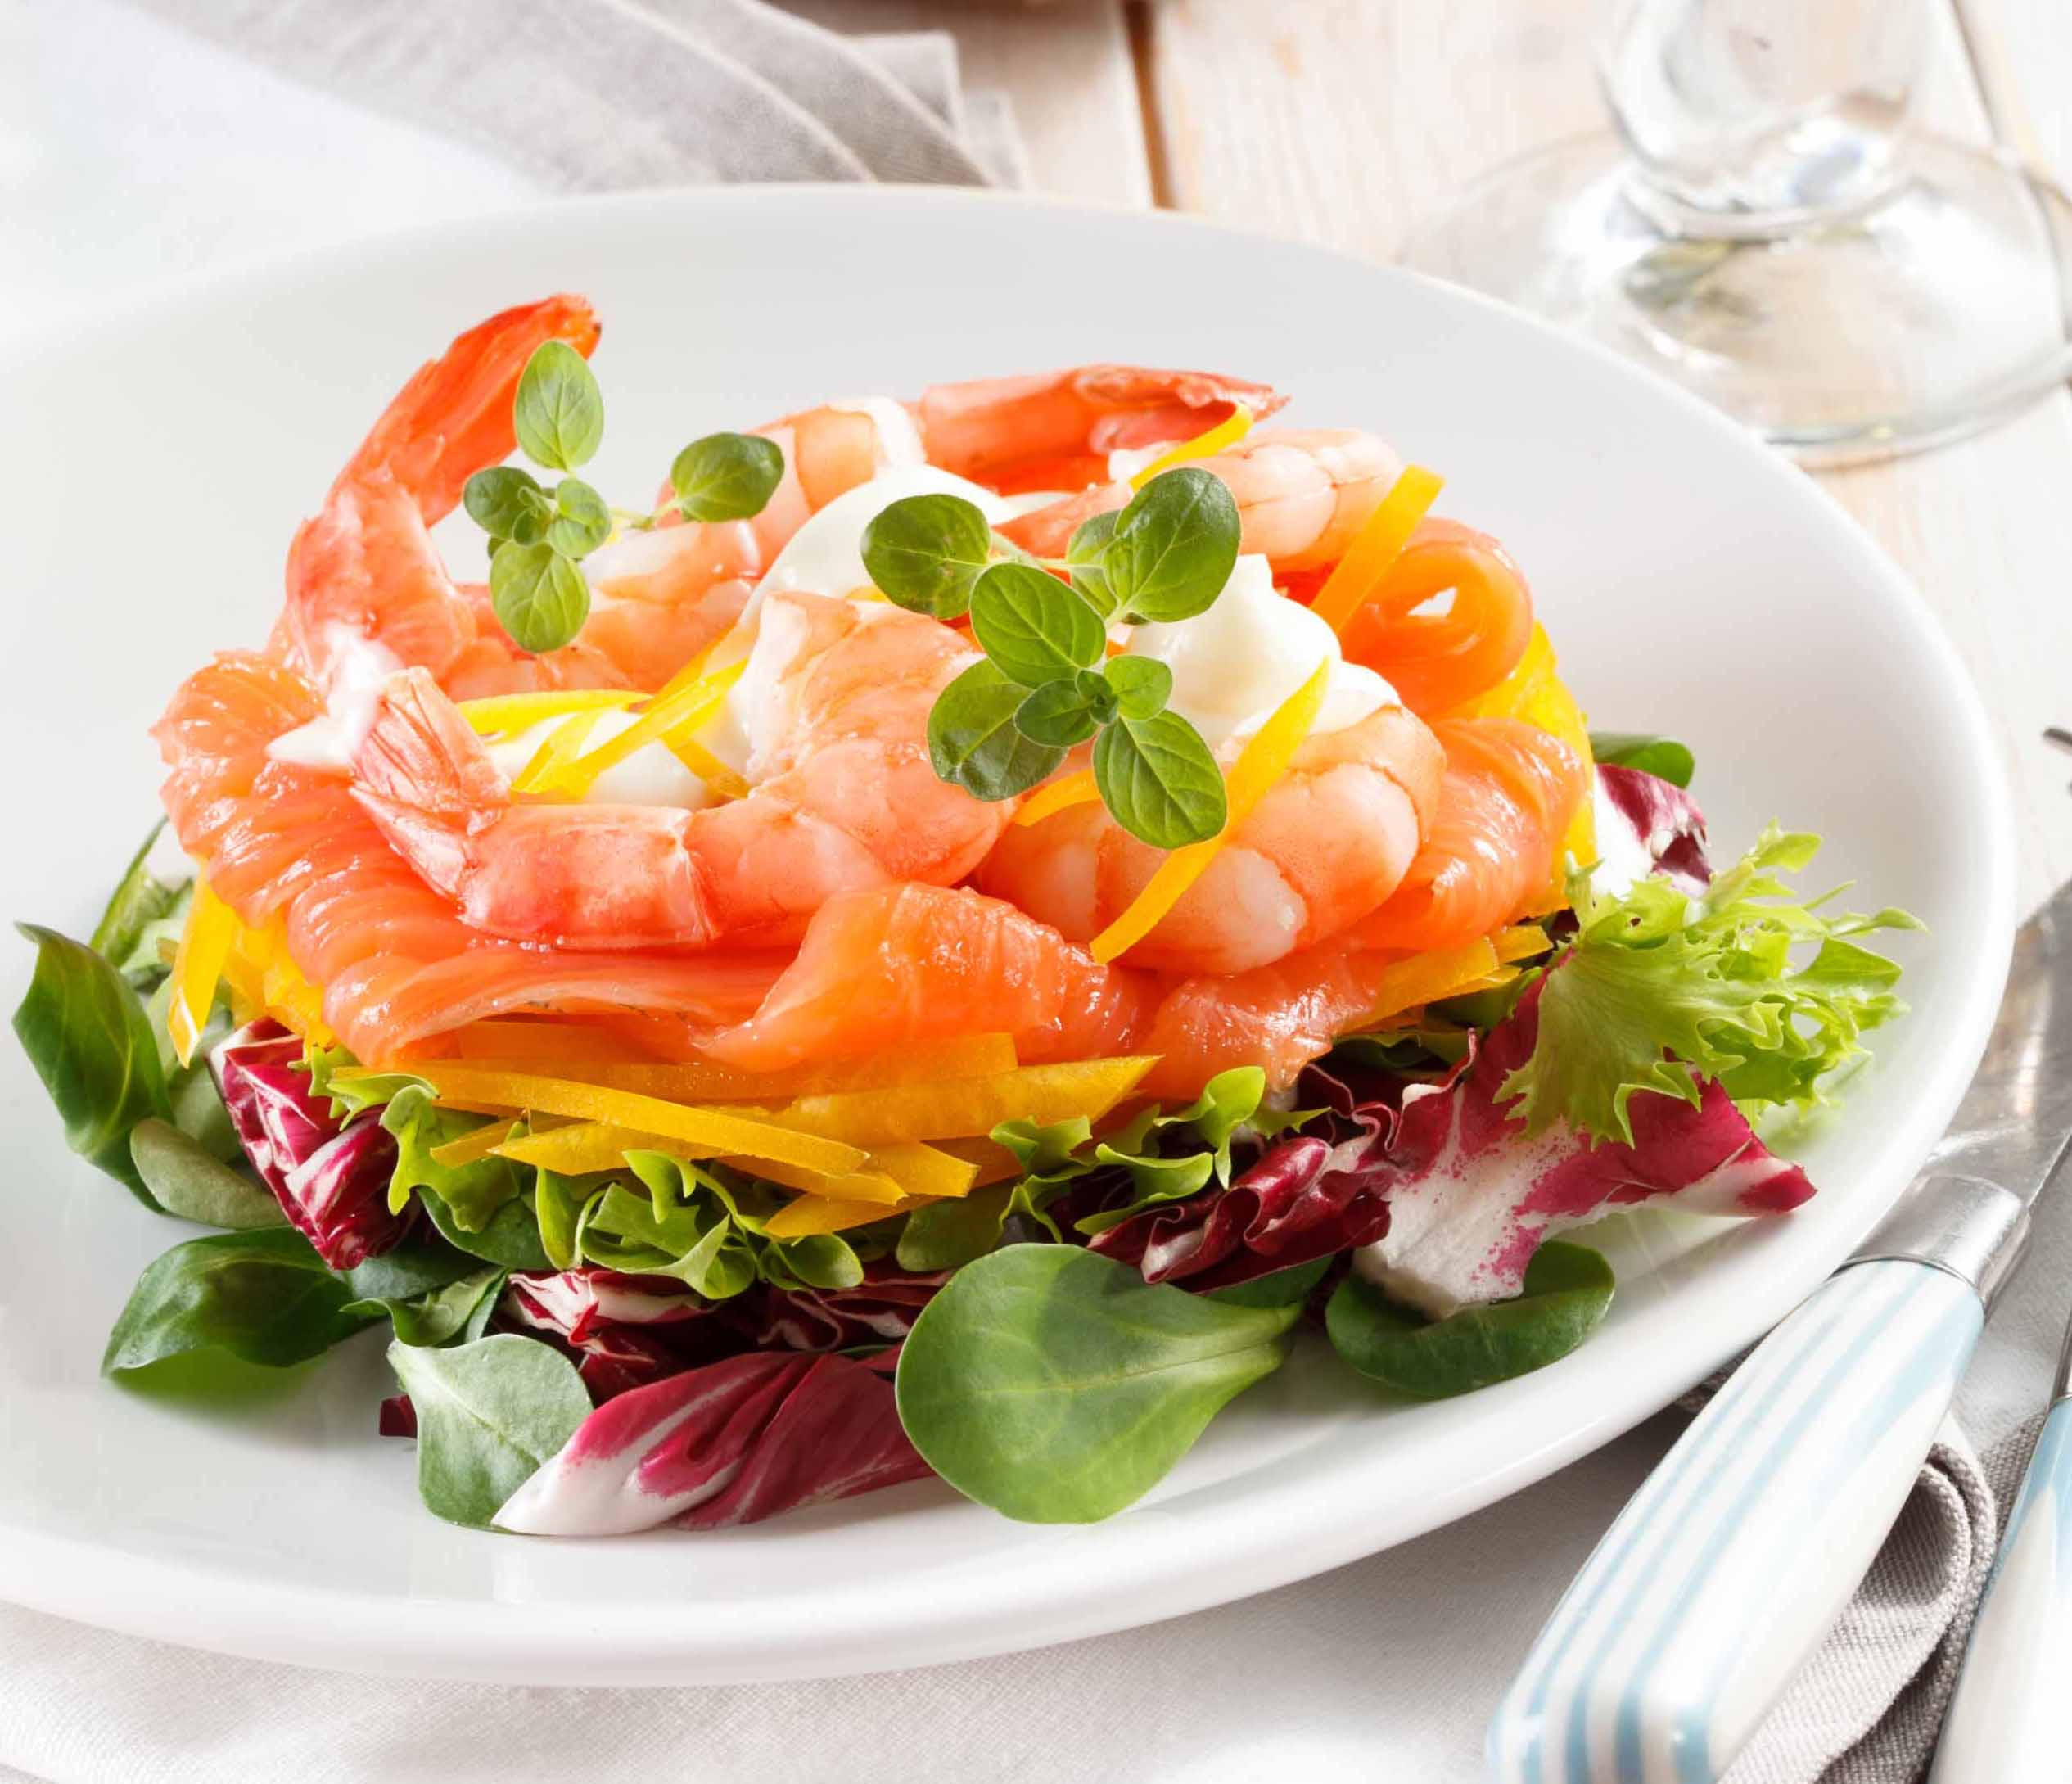 Салаты с красной рыбой и креветками - 15 простых и вкусных рецептов